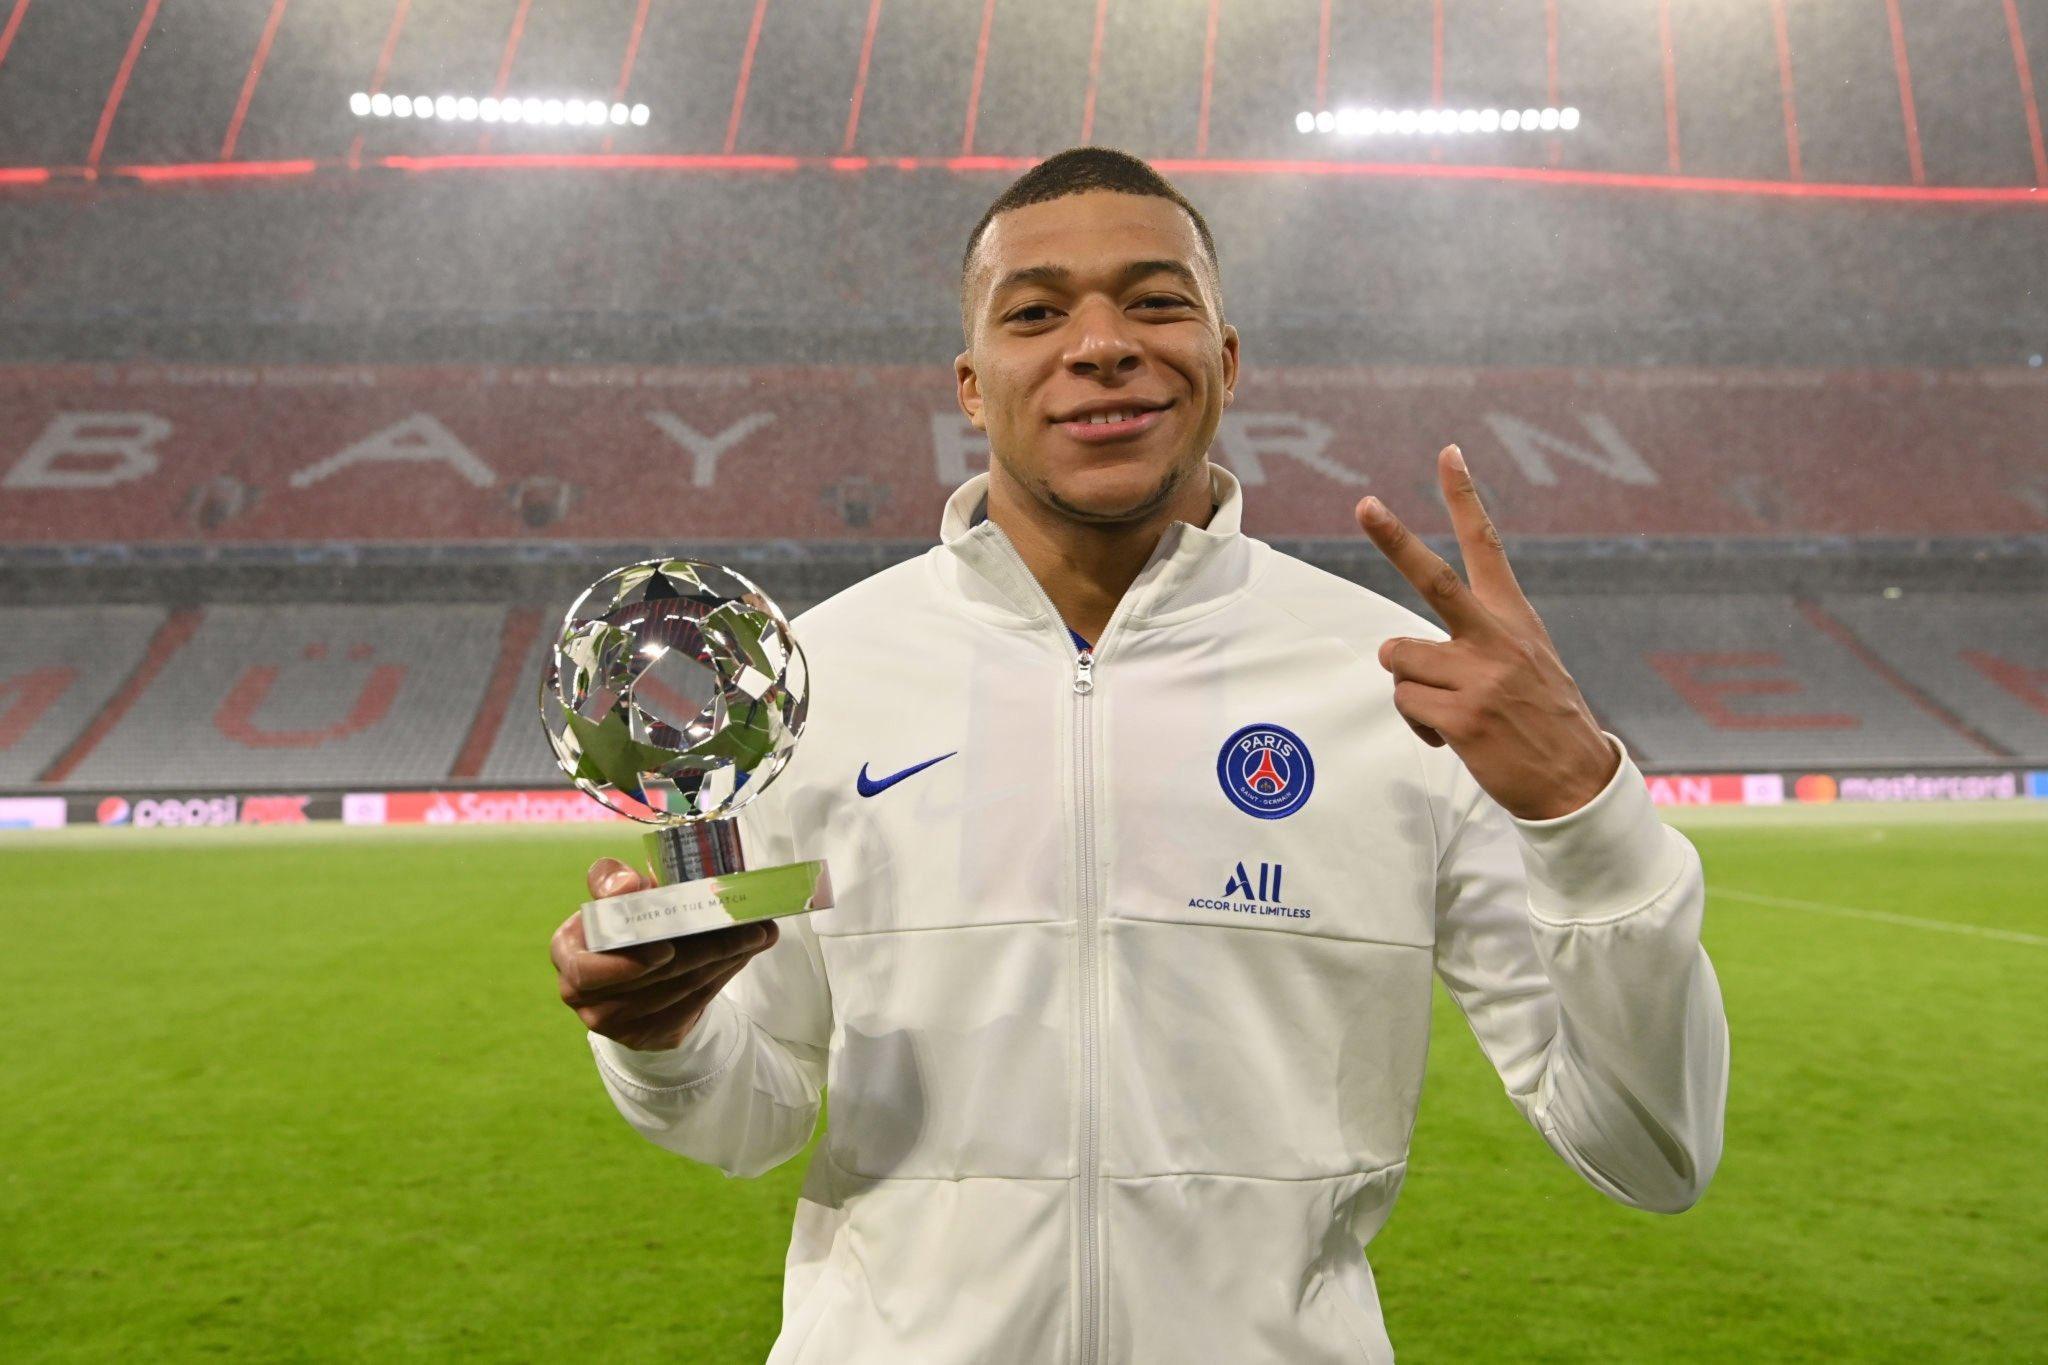 Atacante francês tem contrato com o clube de Paris até 2022. Foto: Facebook/Reprodução